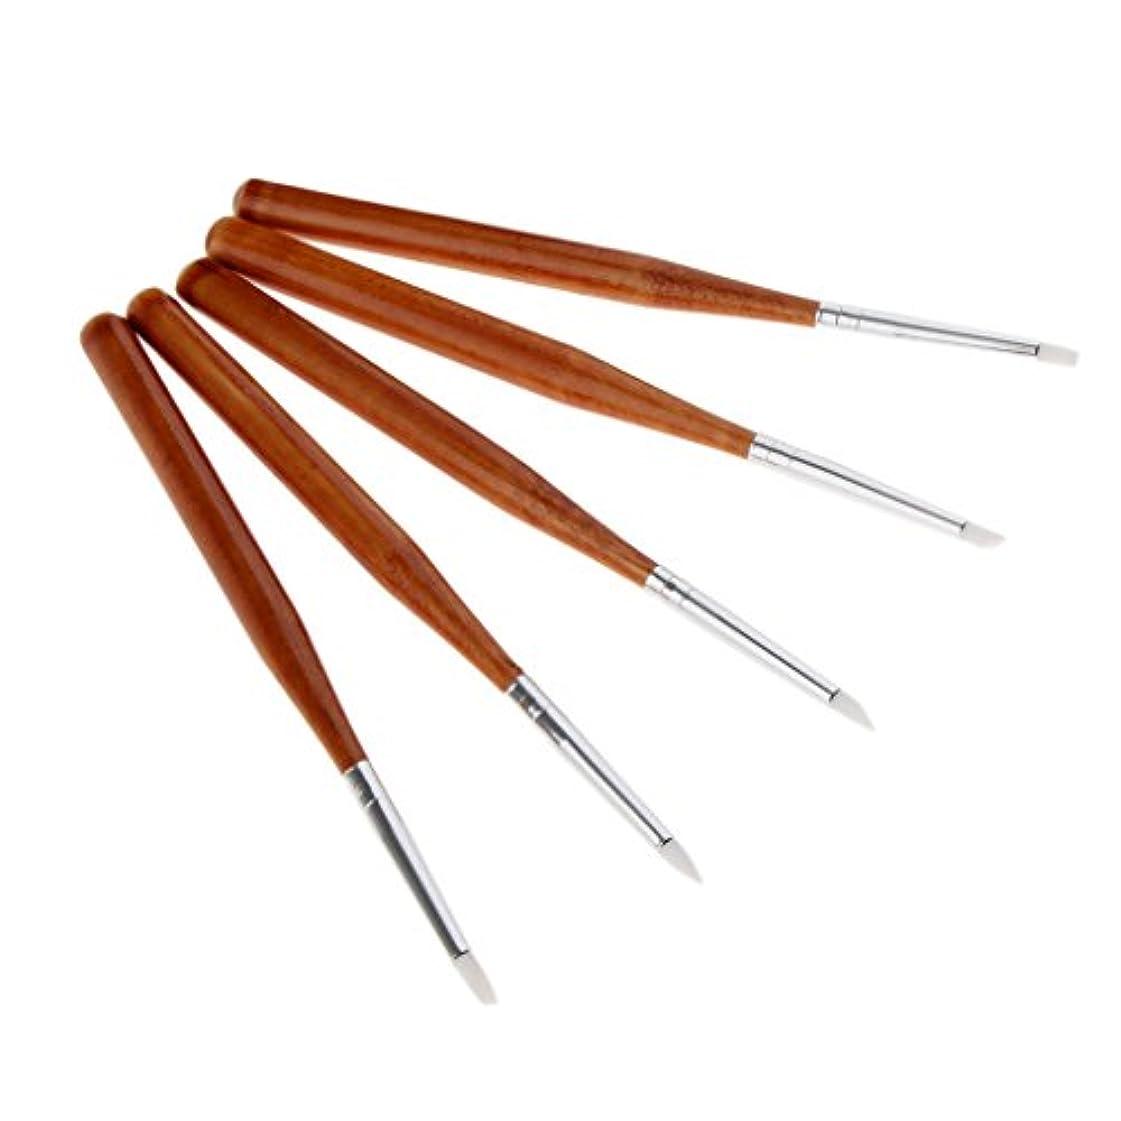 マオリ説教する分子Fenteer 5本 ネイルアートペン ネイルブラシ ネイル 彫刻ペン 高品質 シリコンヘッド DIY 3タイプ選べる - 13cm